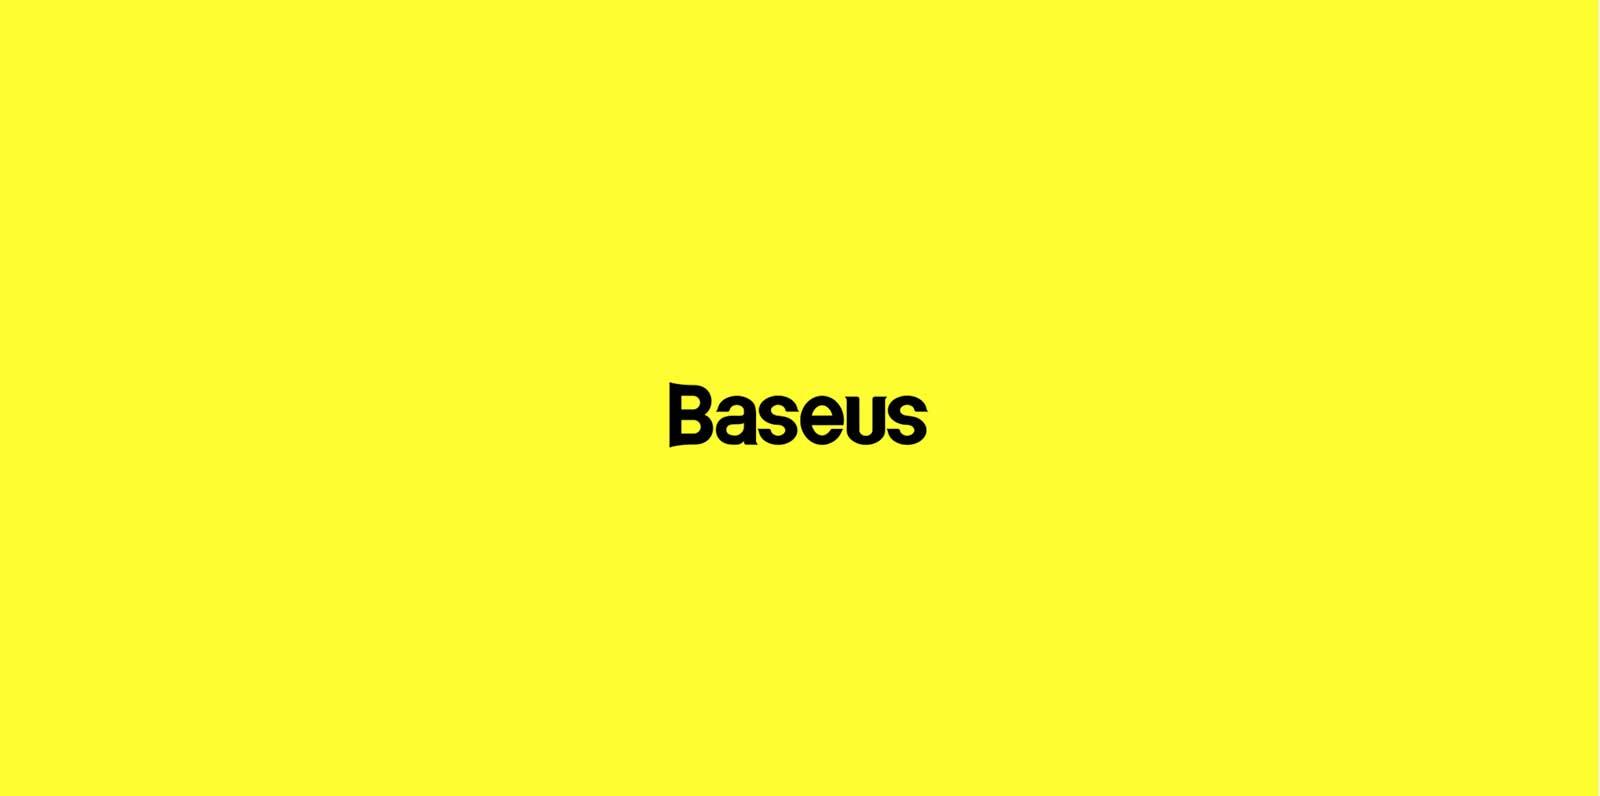 http://www.baseus.com/